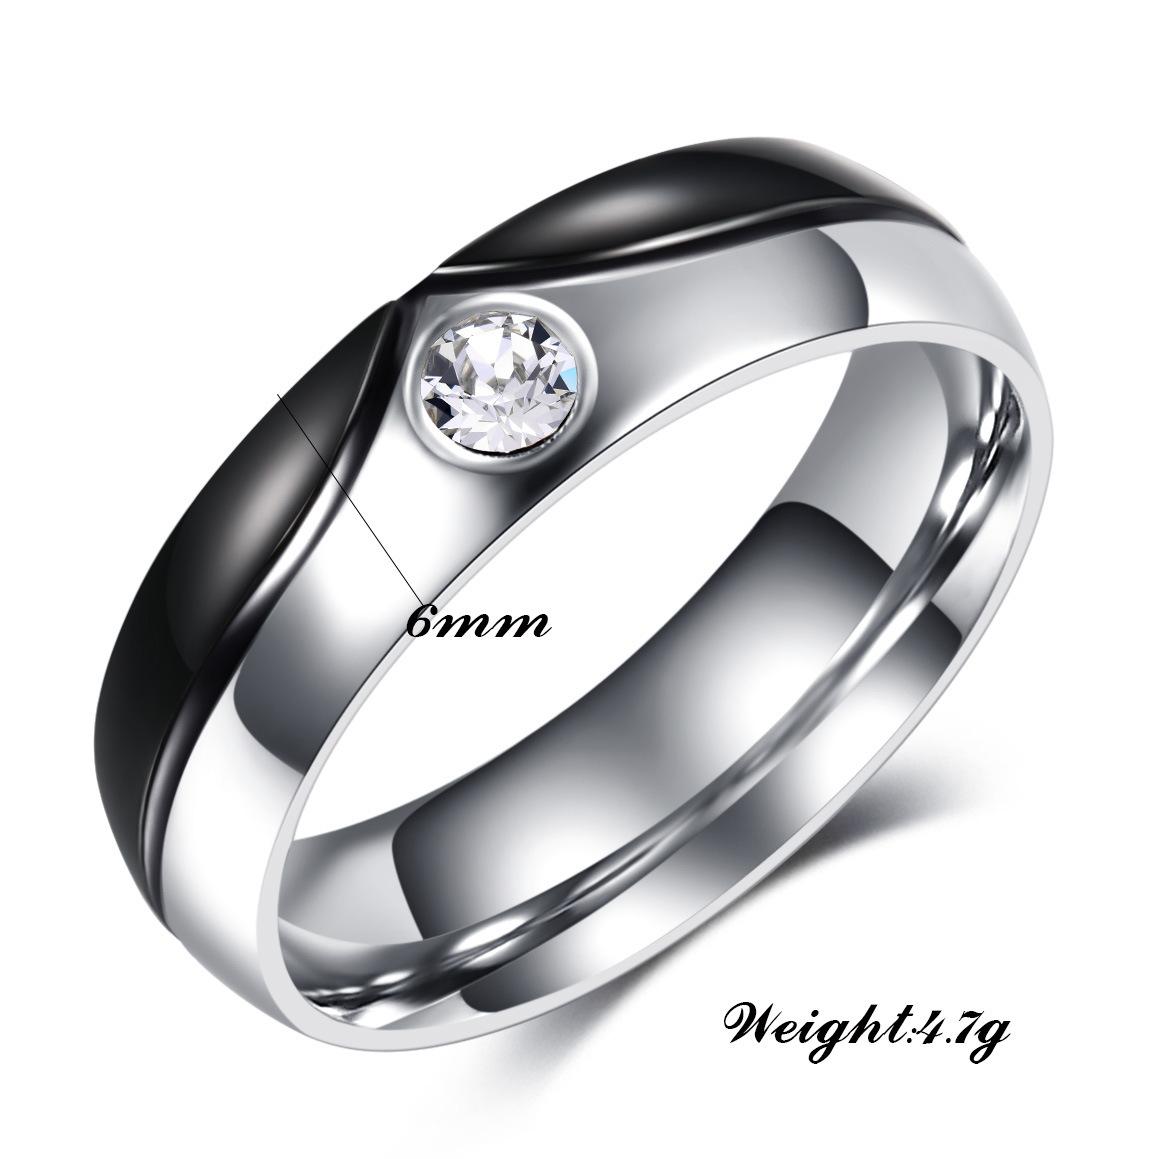 中國代購 中國批發-ibuy99 新款钛钢情侣戒指不锈钢微镶锆石戒指韩版首饰戒指